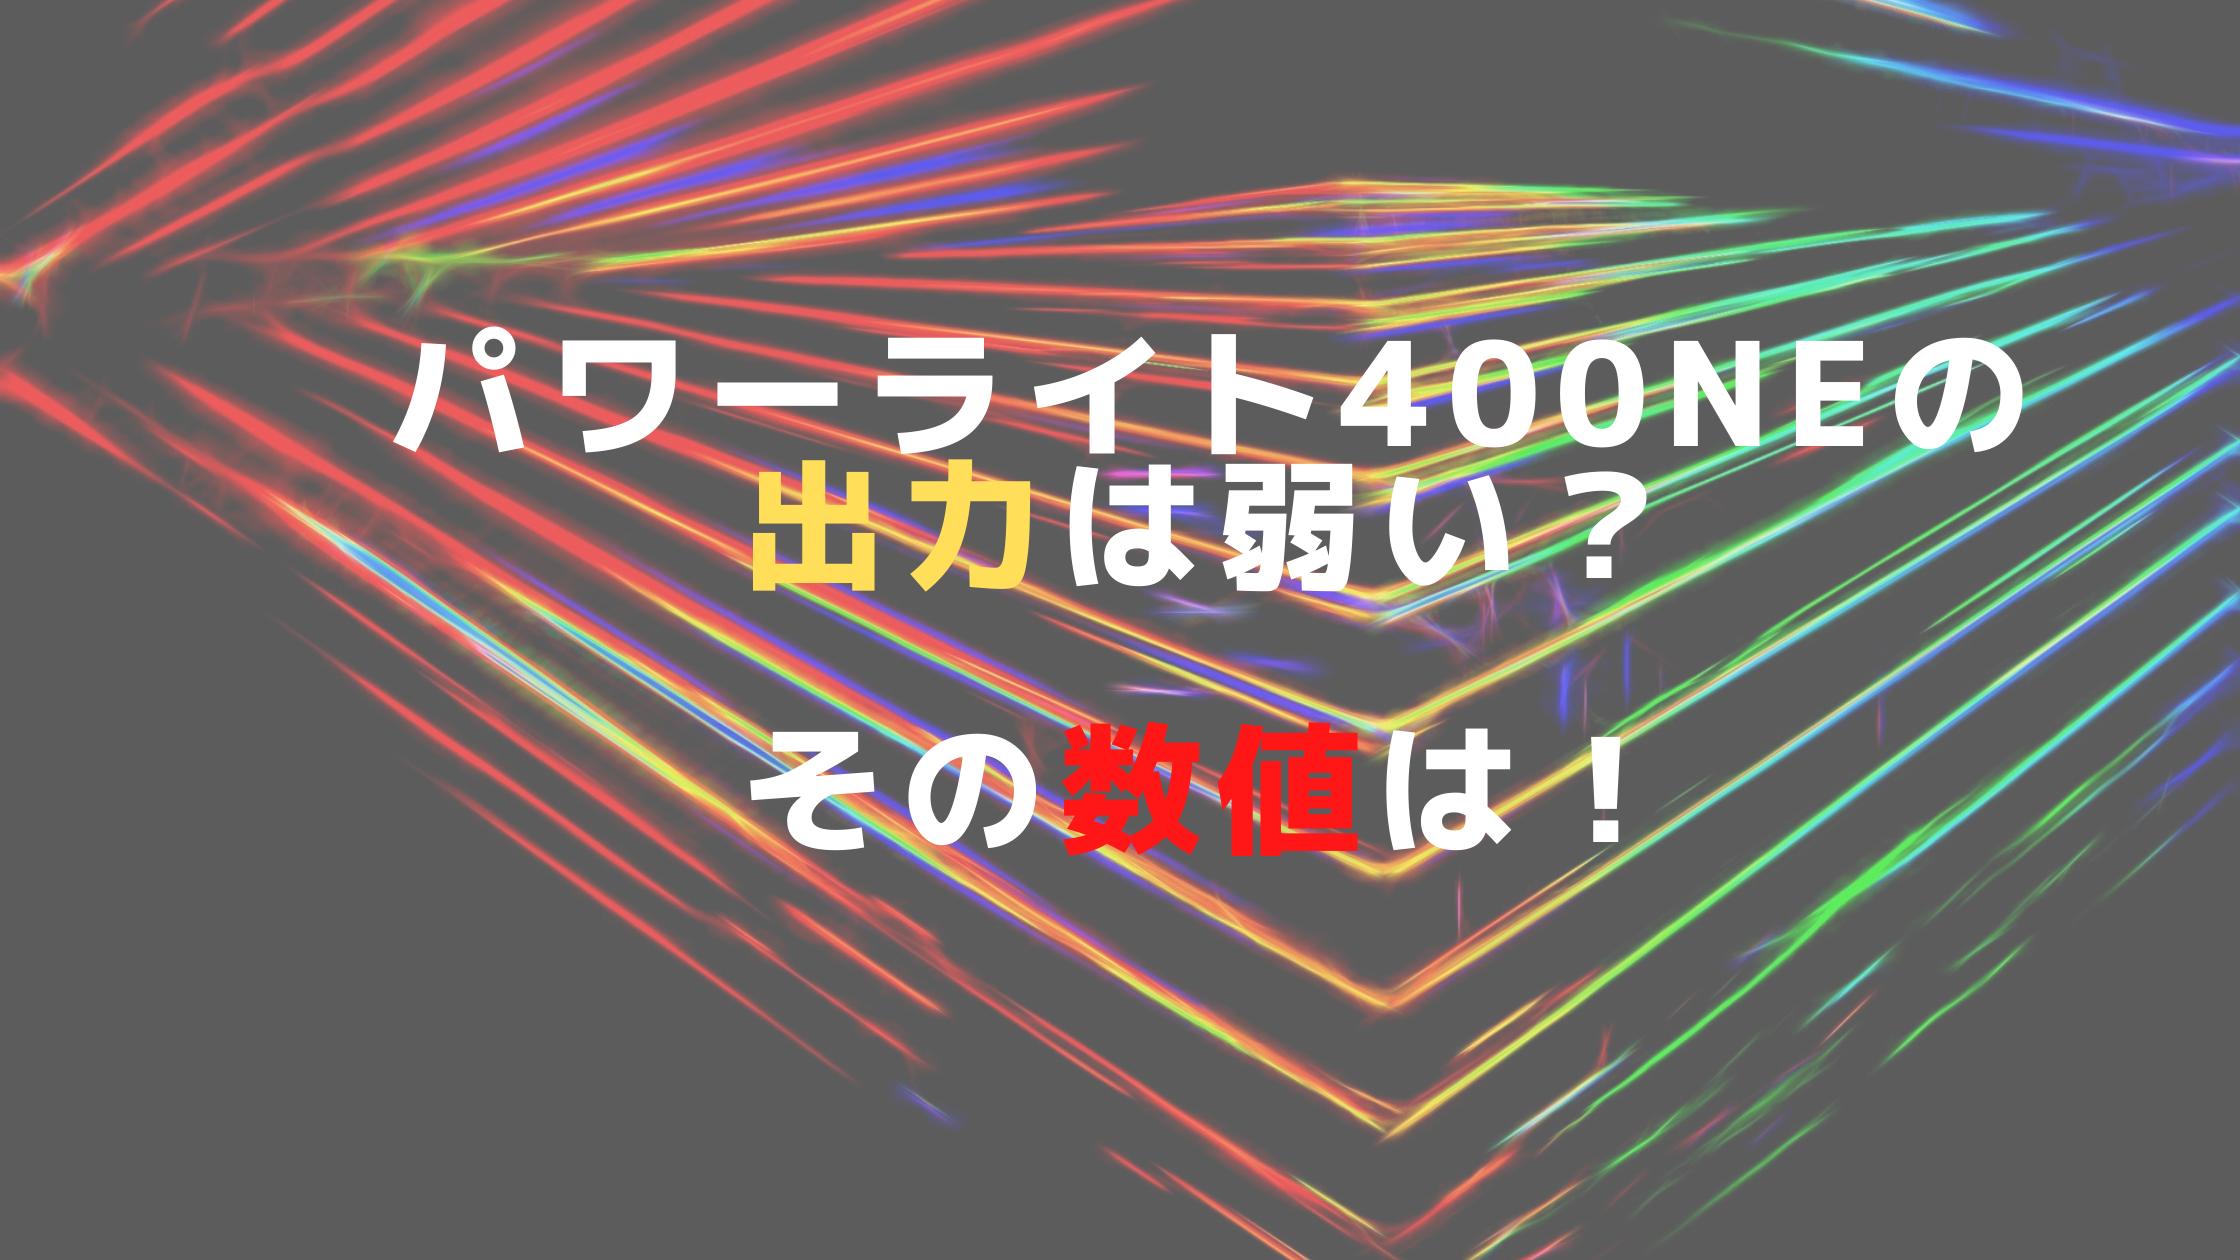 パワーライト400NEの出力は弱い?その数値は!